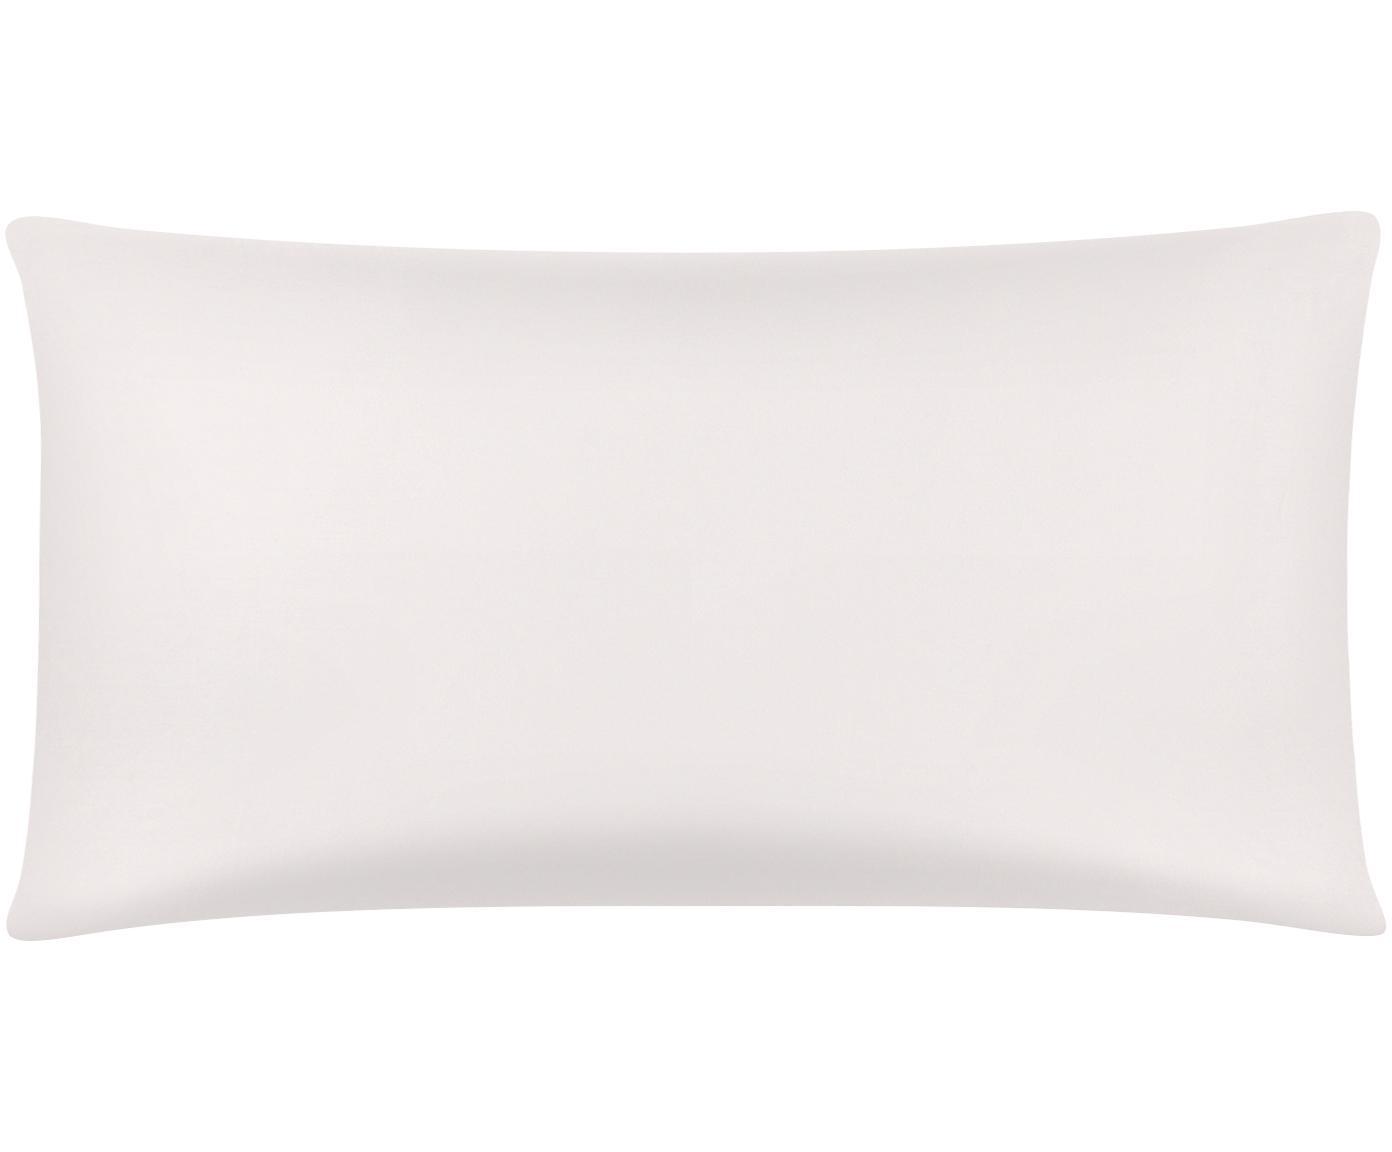 Funda de almohada de satén Comfort, Rosa, An 45 x L 85 cm